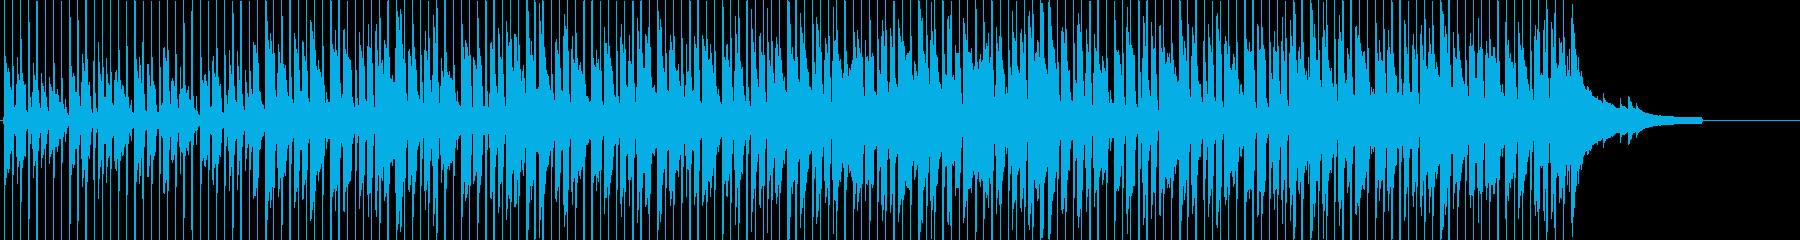 新しい季節に合うCM、企業VP向けの曲の再生済みの波形